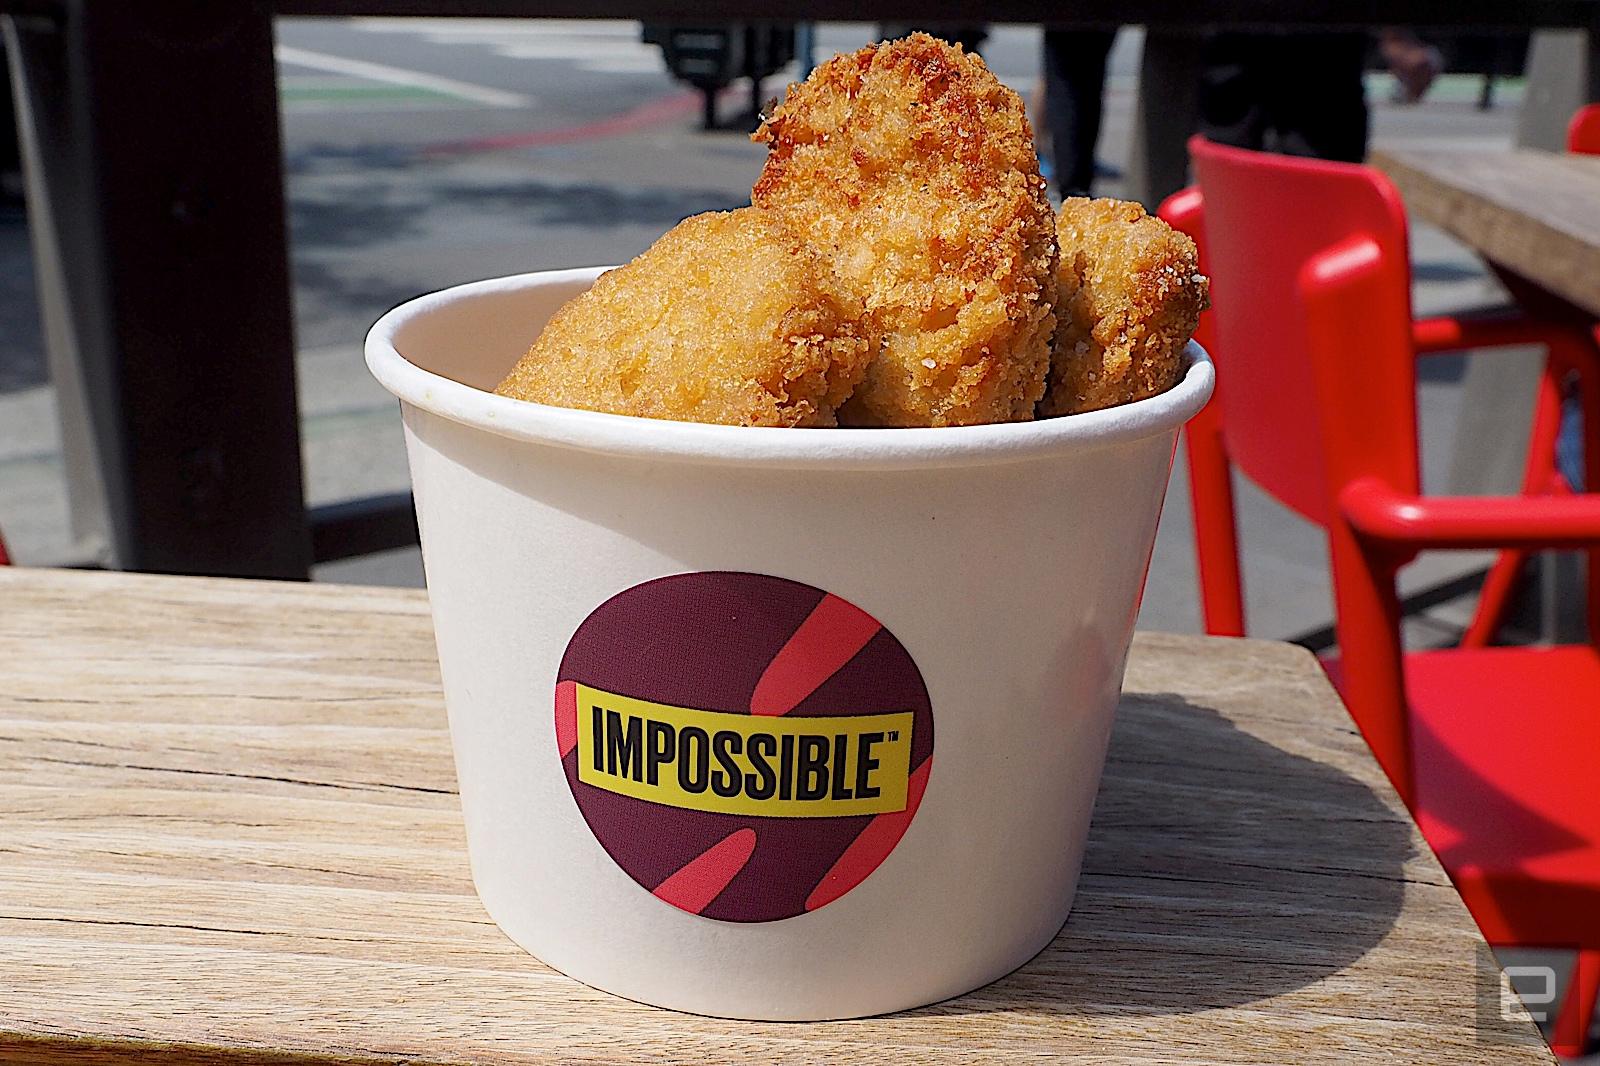 Impossible'ın bitki bazlı külçeleri artık seçkin restoranlarda | Engadget